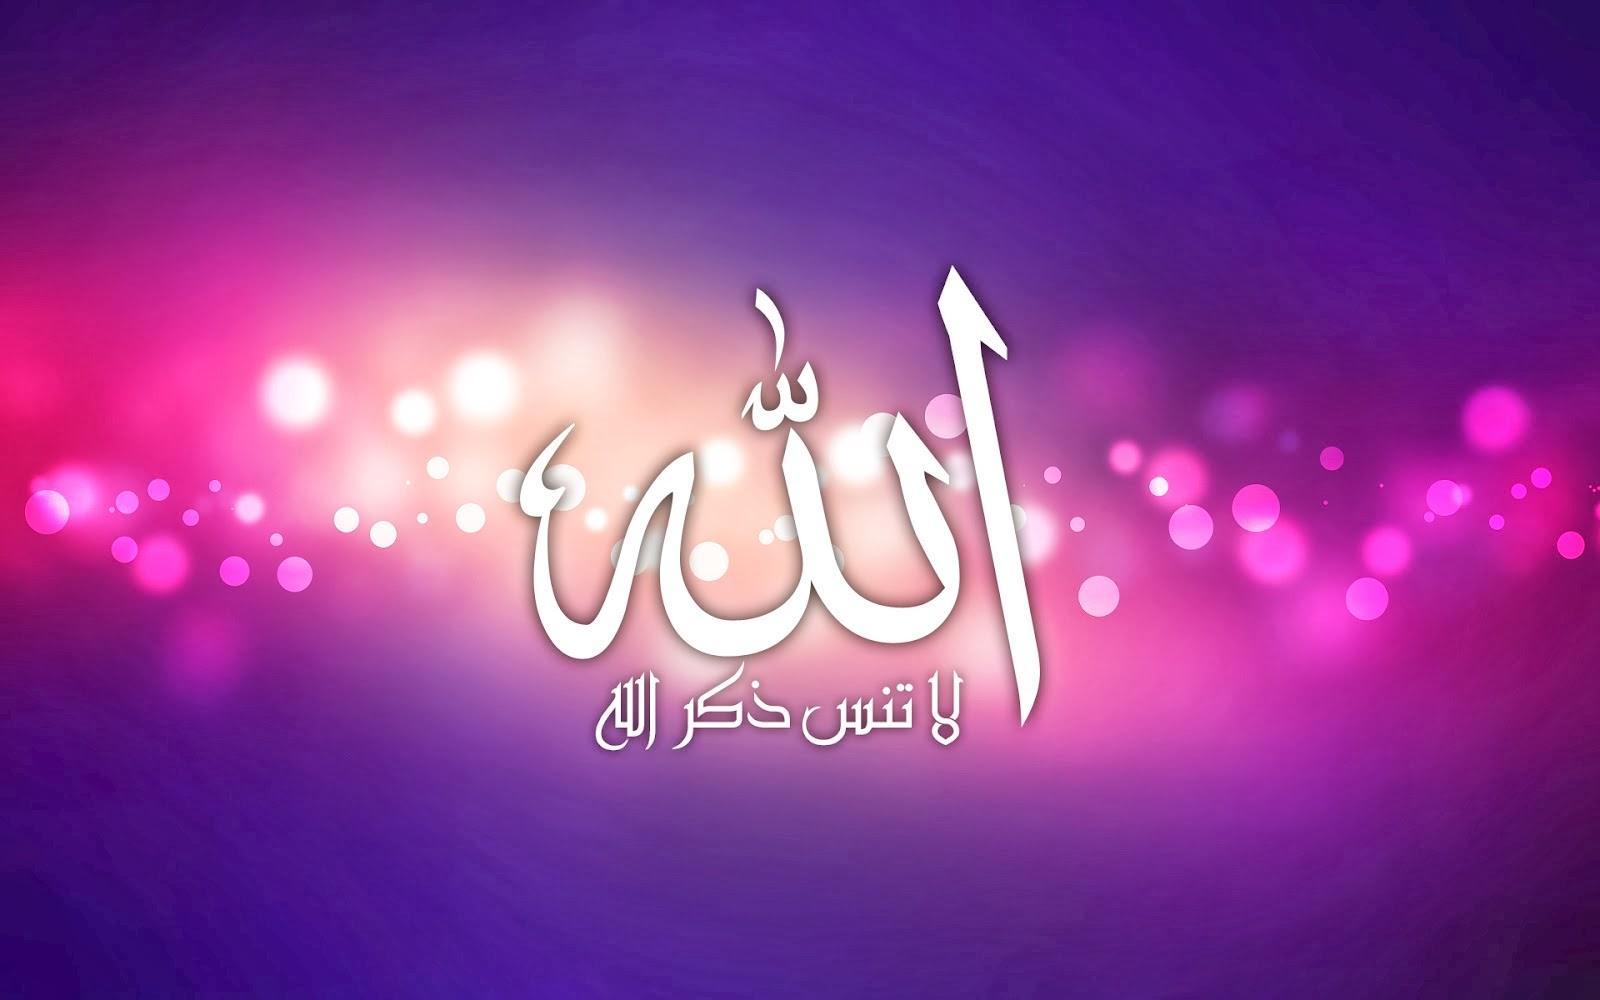 صور دينية اسلامية للواتس 2019 صور اسلامية جميلة